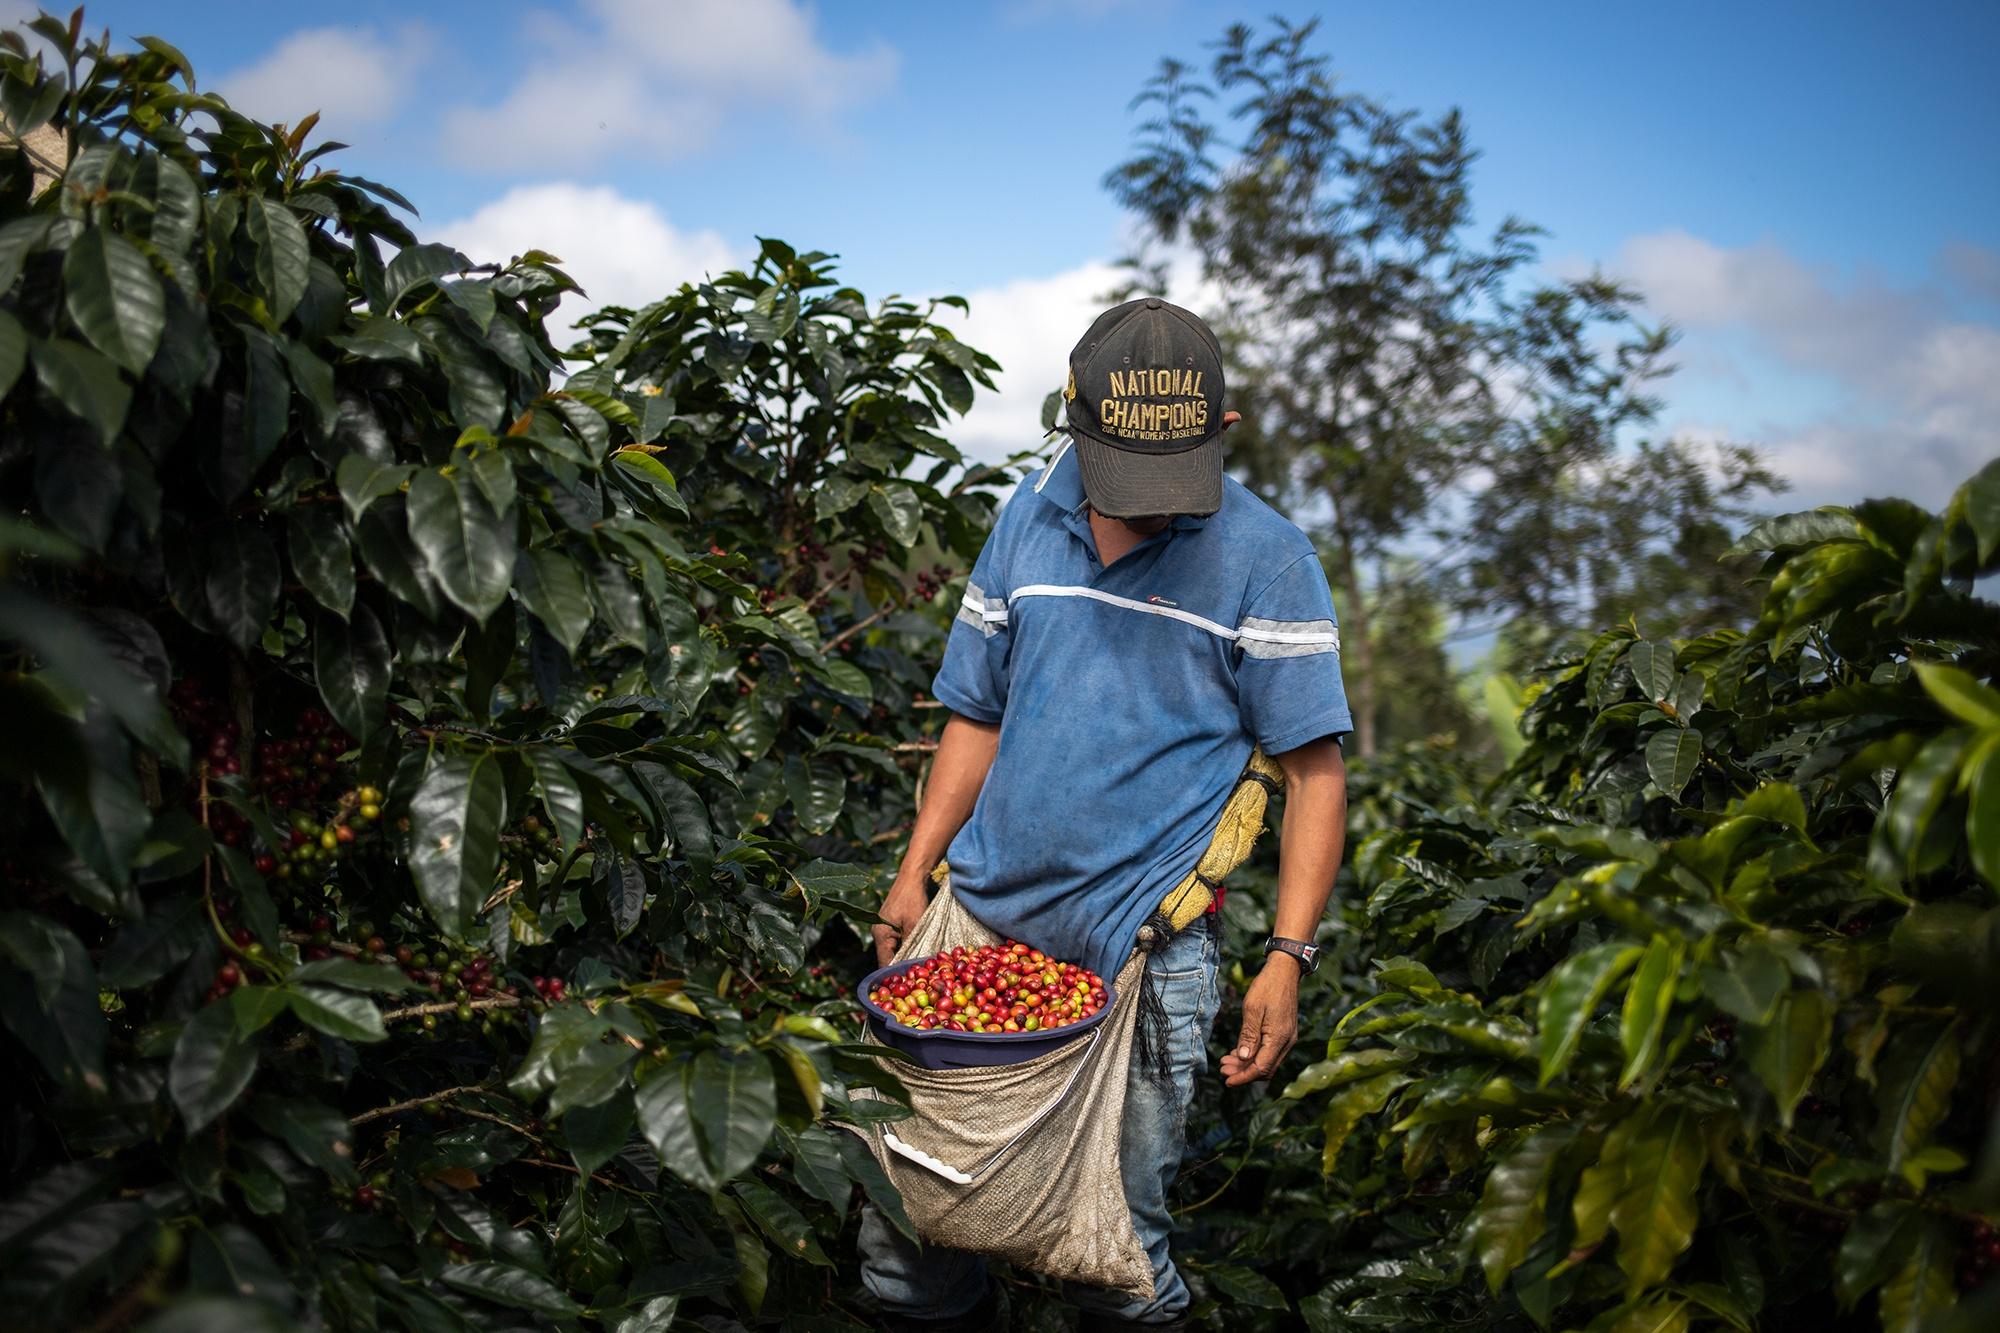 William, originario de la comunidad de Azacualpa en el municipio de La Unión, Copán, alterna trabajo entre las plantaciones de café y la mina San Andrés en su comunidad. Corquín, Copán, 27 de febrero de 2021. Foto: Martín Cálix.